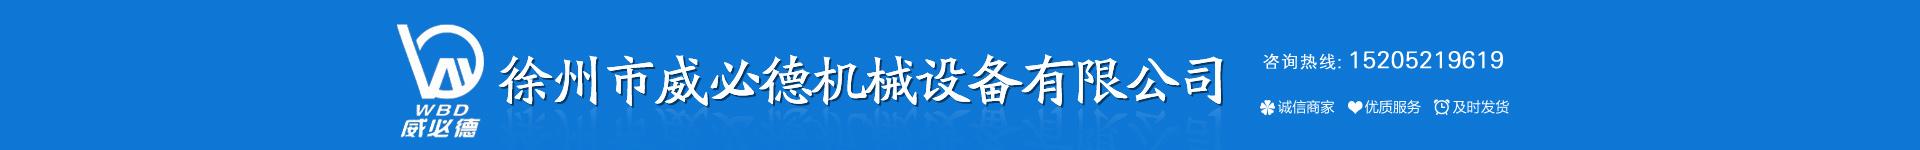 徐州市威必德機械設備有限公司